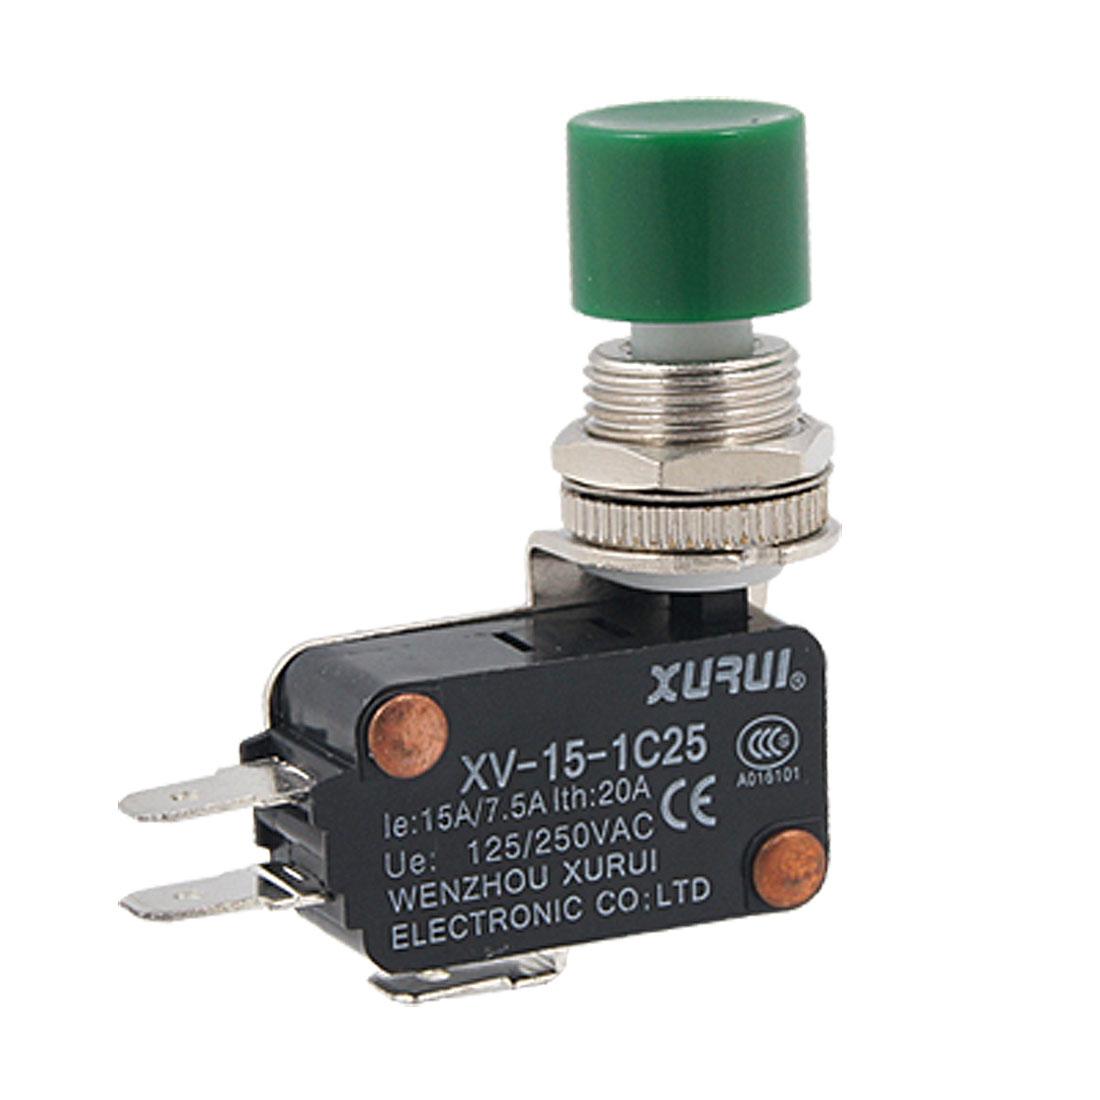 Druckknopf-Antrieb-Wechsler-AC-Miniatur-Mikroschalter